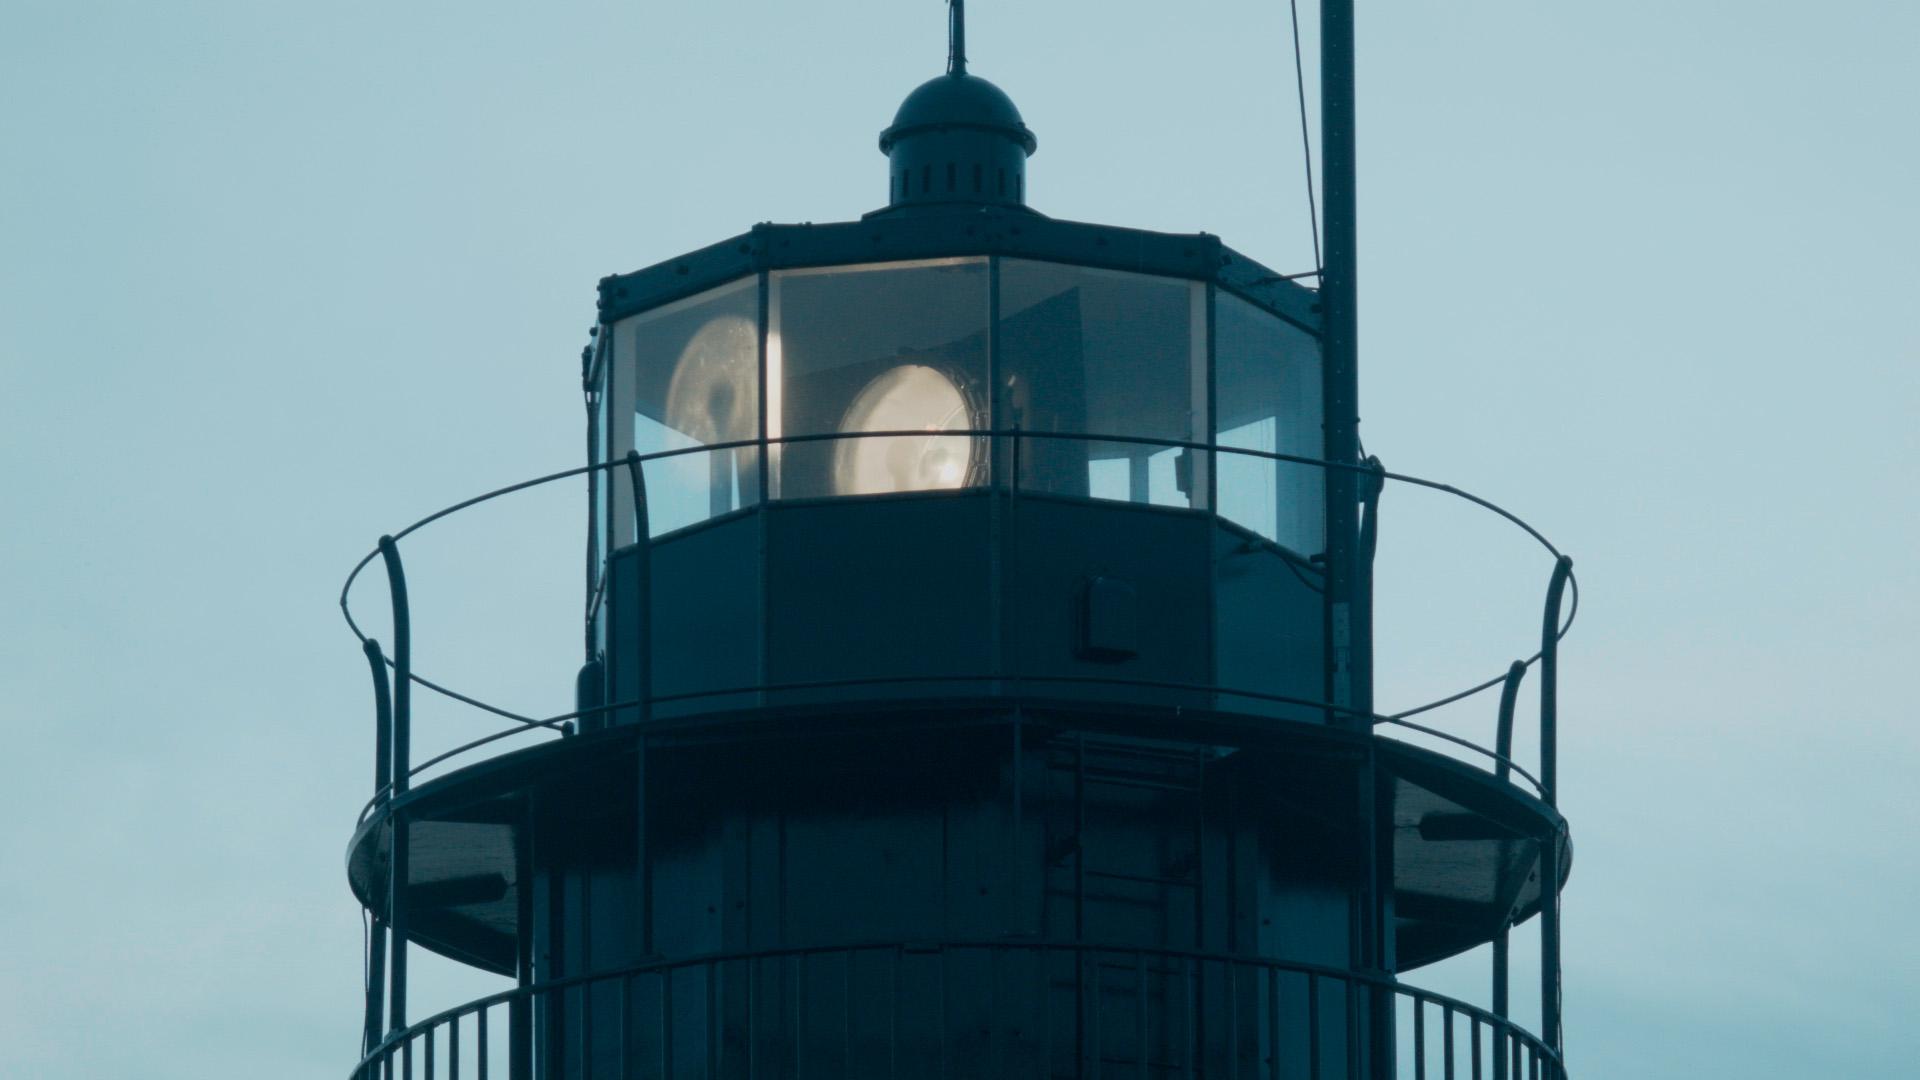 苏杰浩,影片截图 ,出自《早晨的风暴》,2017-18年。单频数字电影(高清彩色立体声)。时长:17分钟45。  图片由艺术家提供。